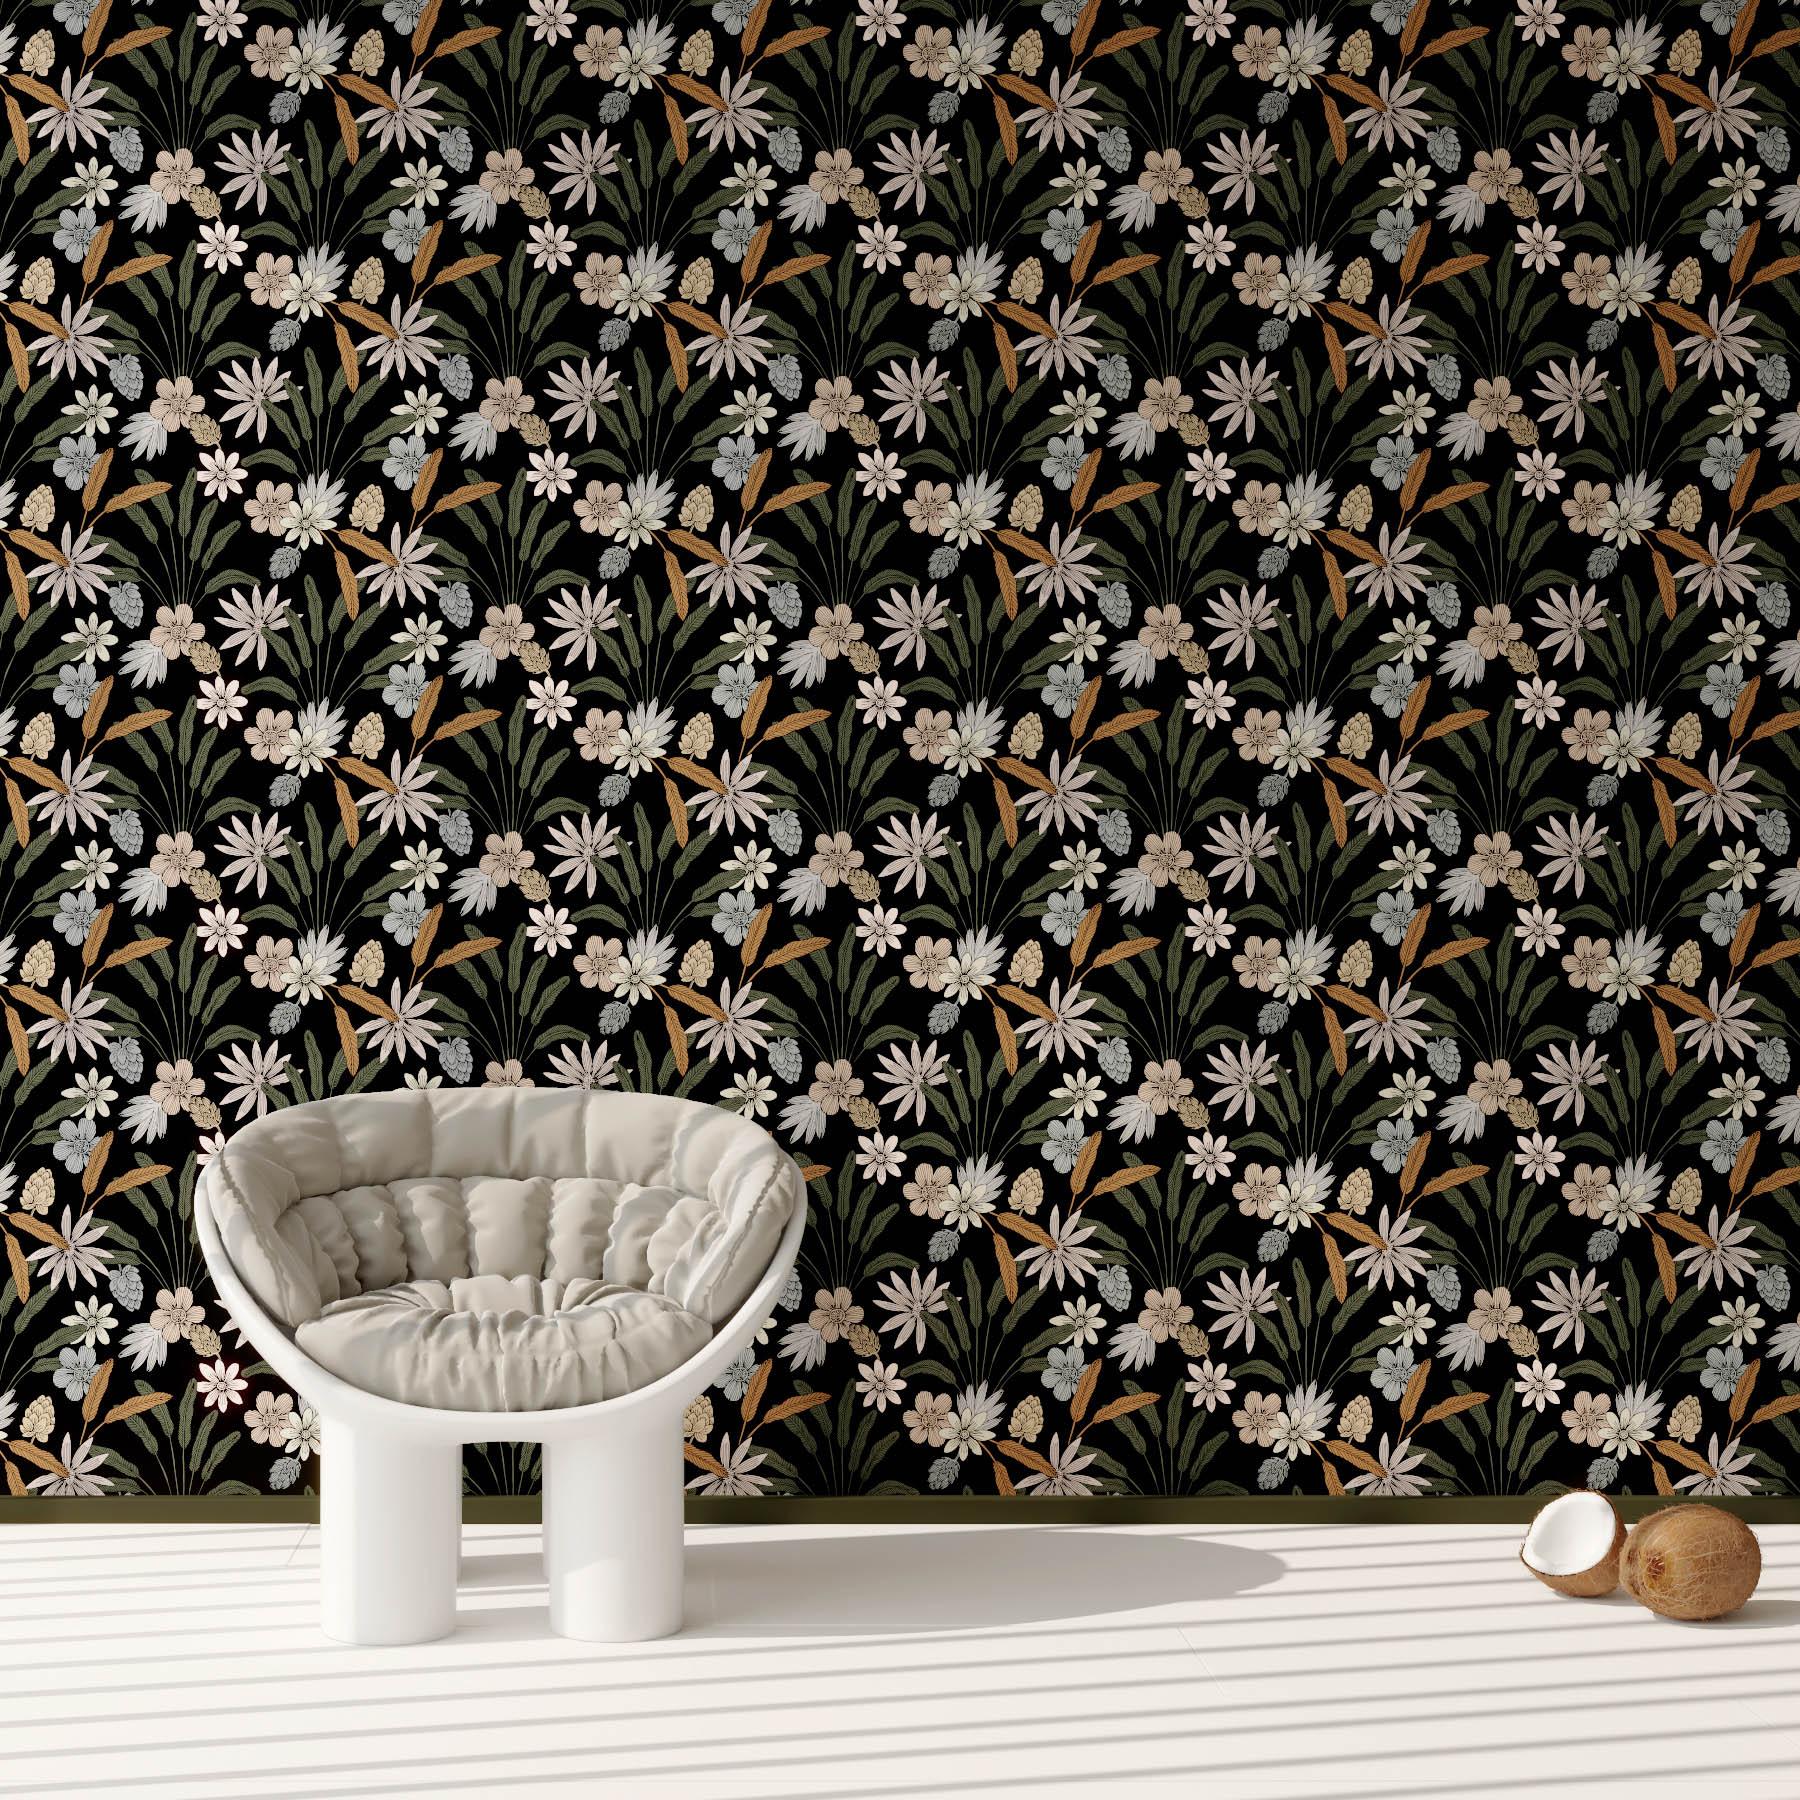 Rouleau de papier peint imprimé fleuri